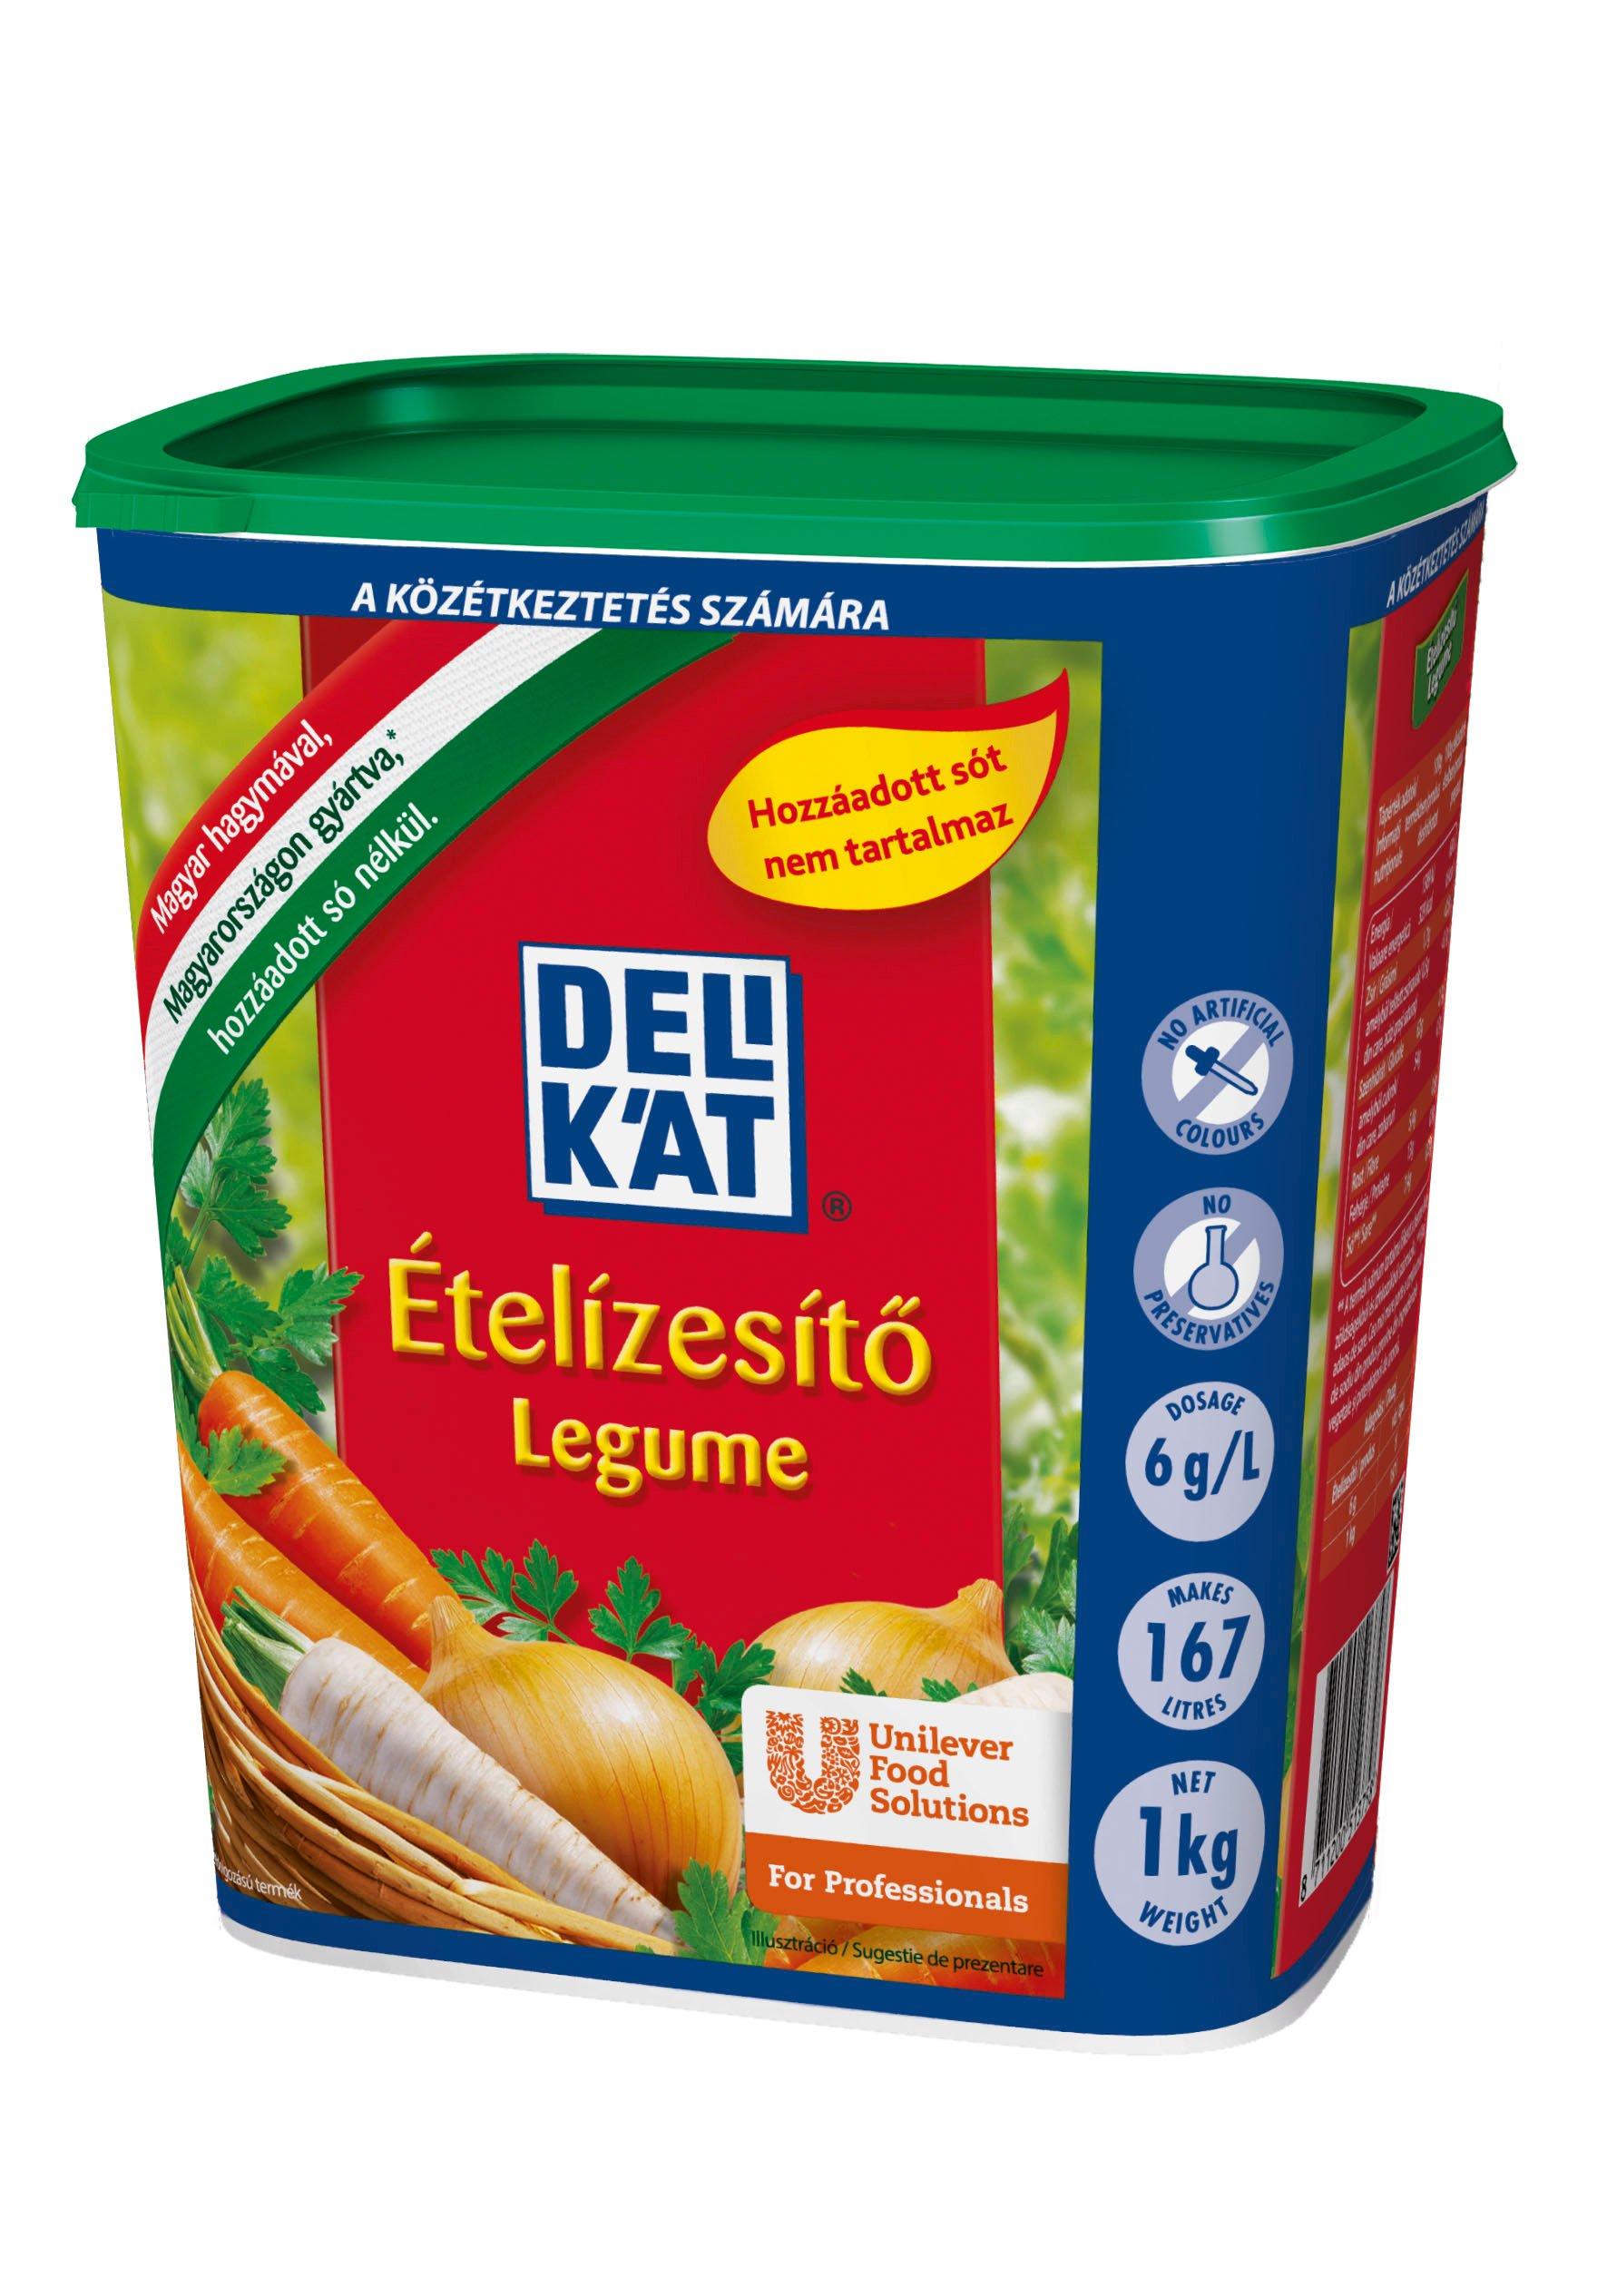 DELIKÁT Ételízesítő hozzáadott só nélkül 1kg**